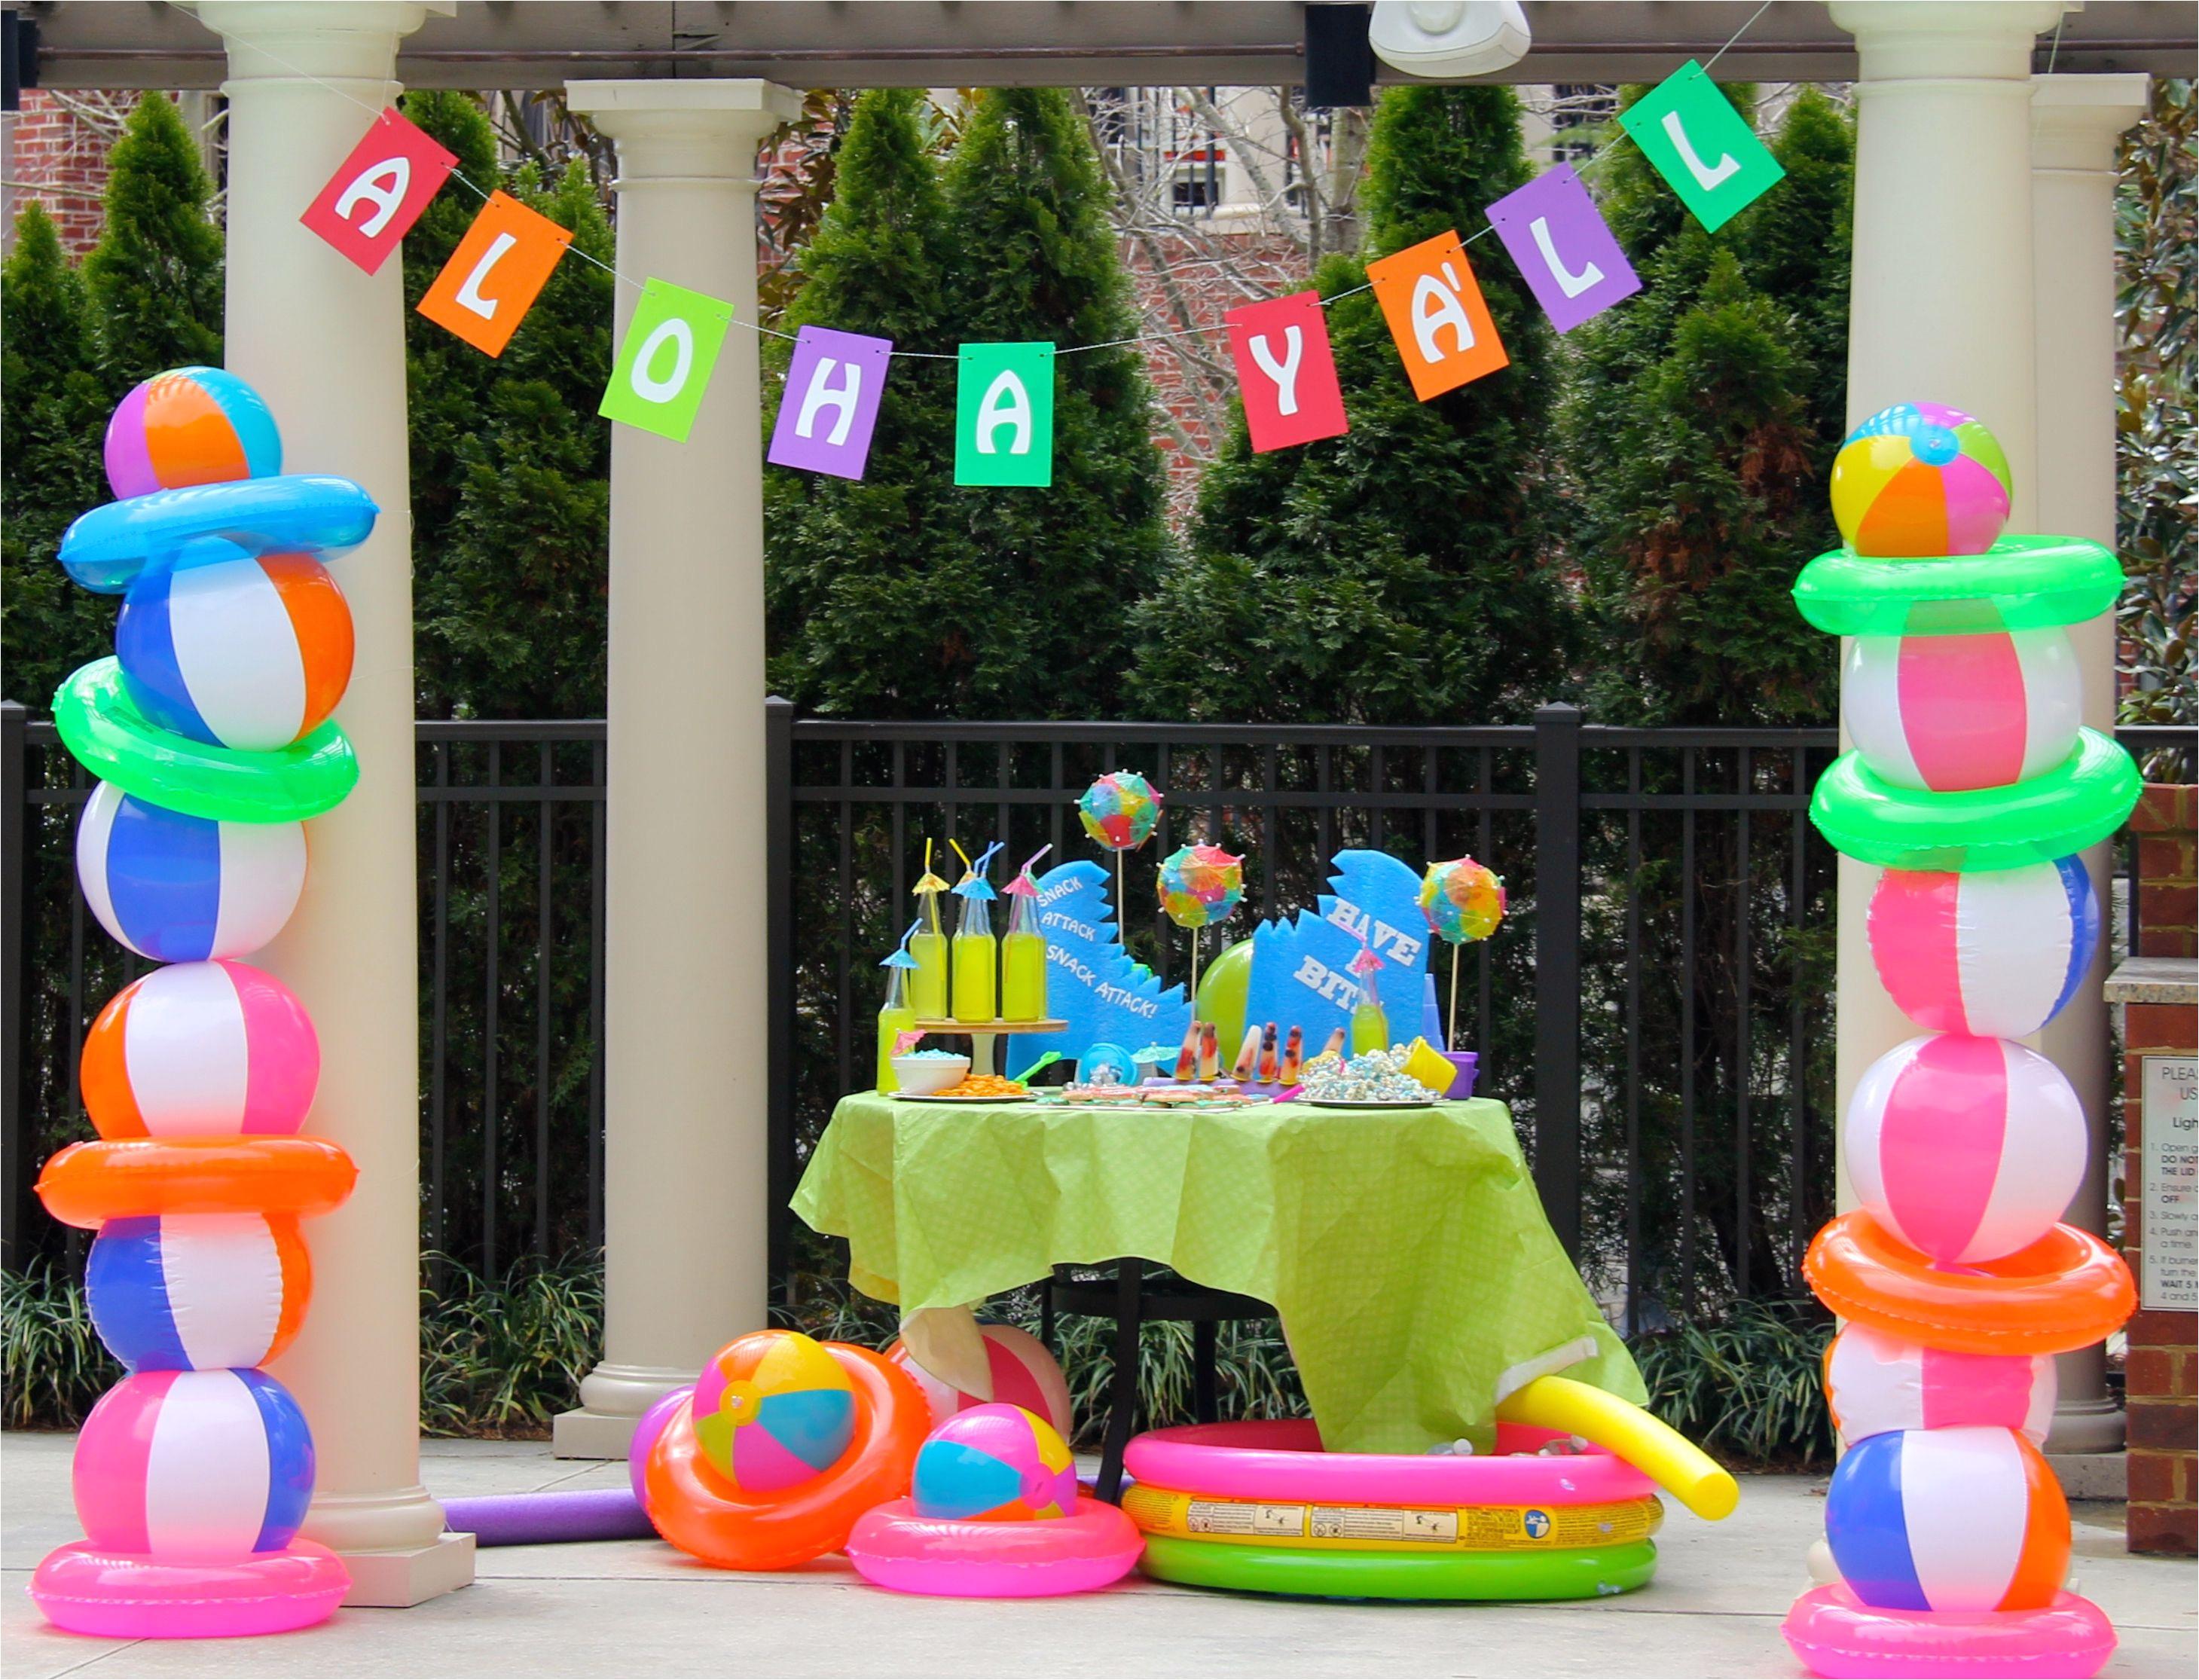 beach ball party decor call us suzy more venez profitez de la reunion www airbnb fr c jeremyj1489